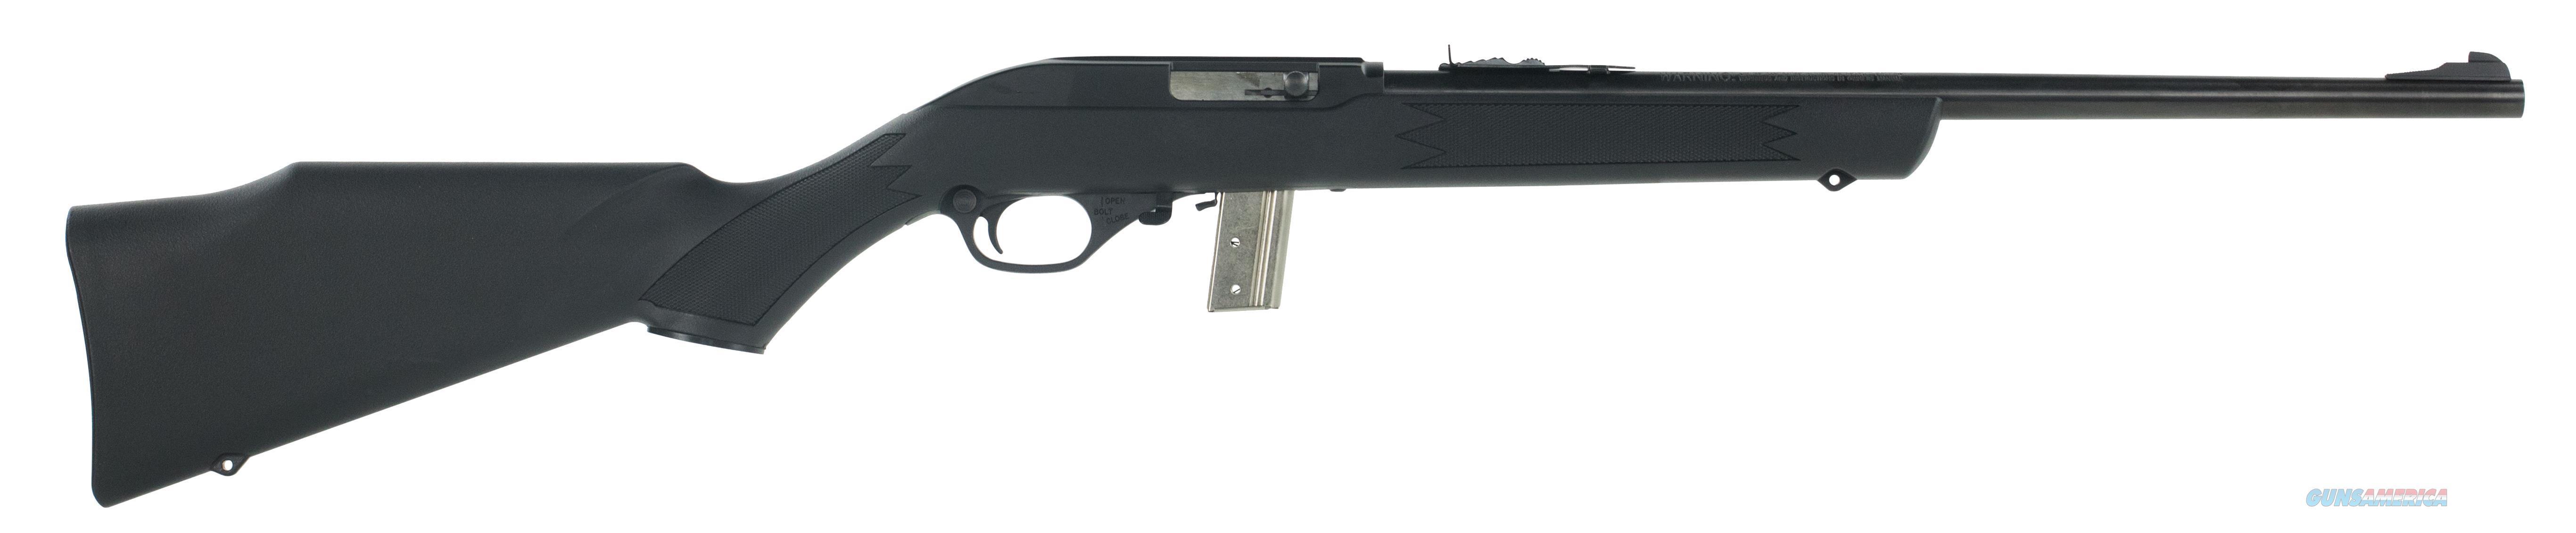 Marlin 795 22Lr 18 10Rd Clip Syn           (Ww) 70680  Guns > Rifles > MN Misc Rifles